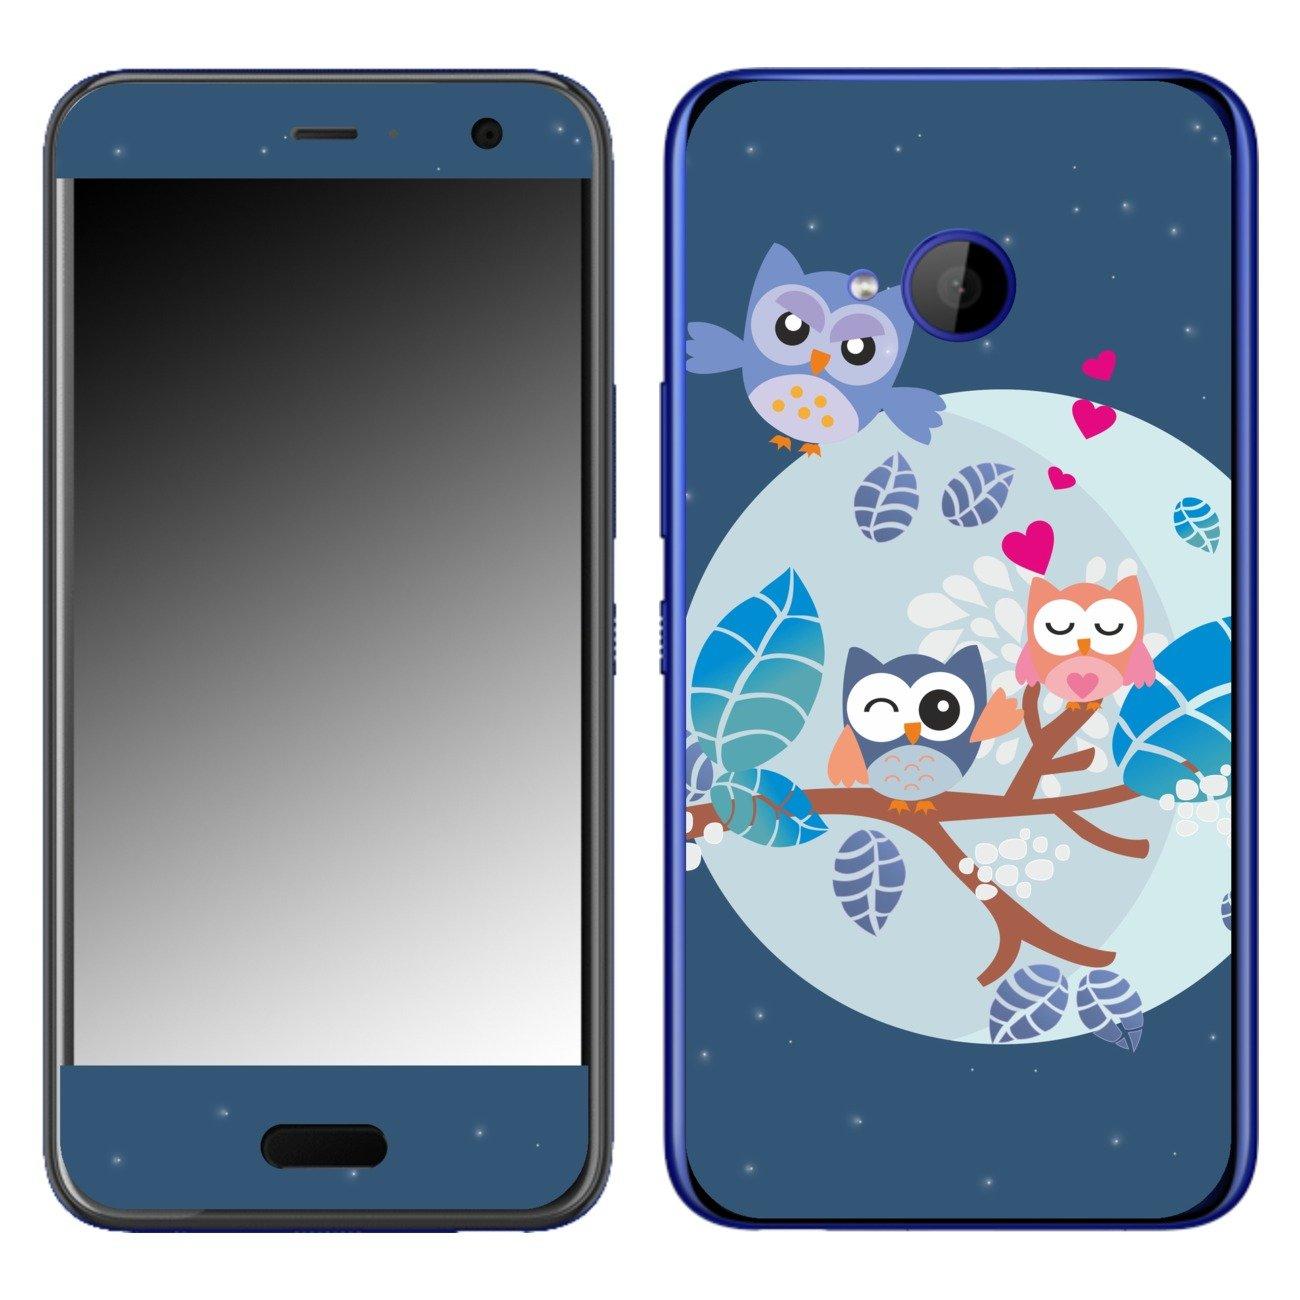 DISAGU SF de 108506 _ 519 Diseño Skin para HTC U11 Life – Diseño Búho Familia: Amazon.es: Electrónica